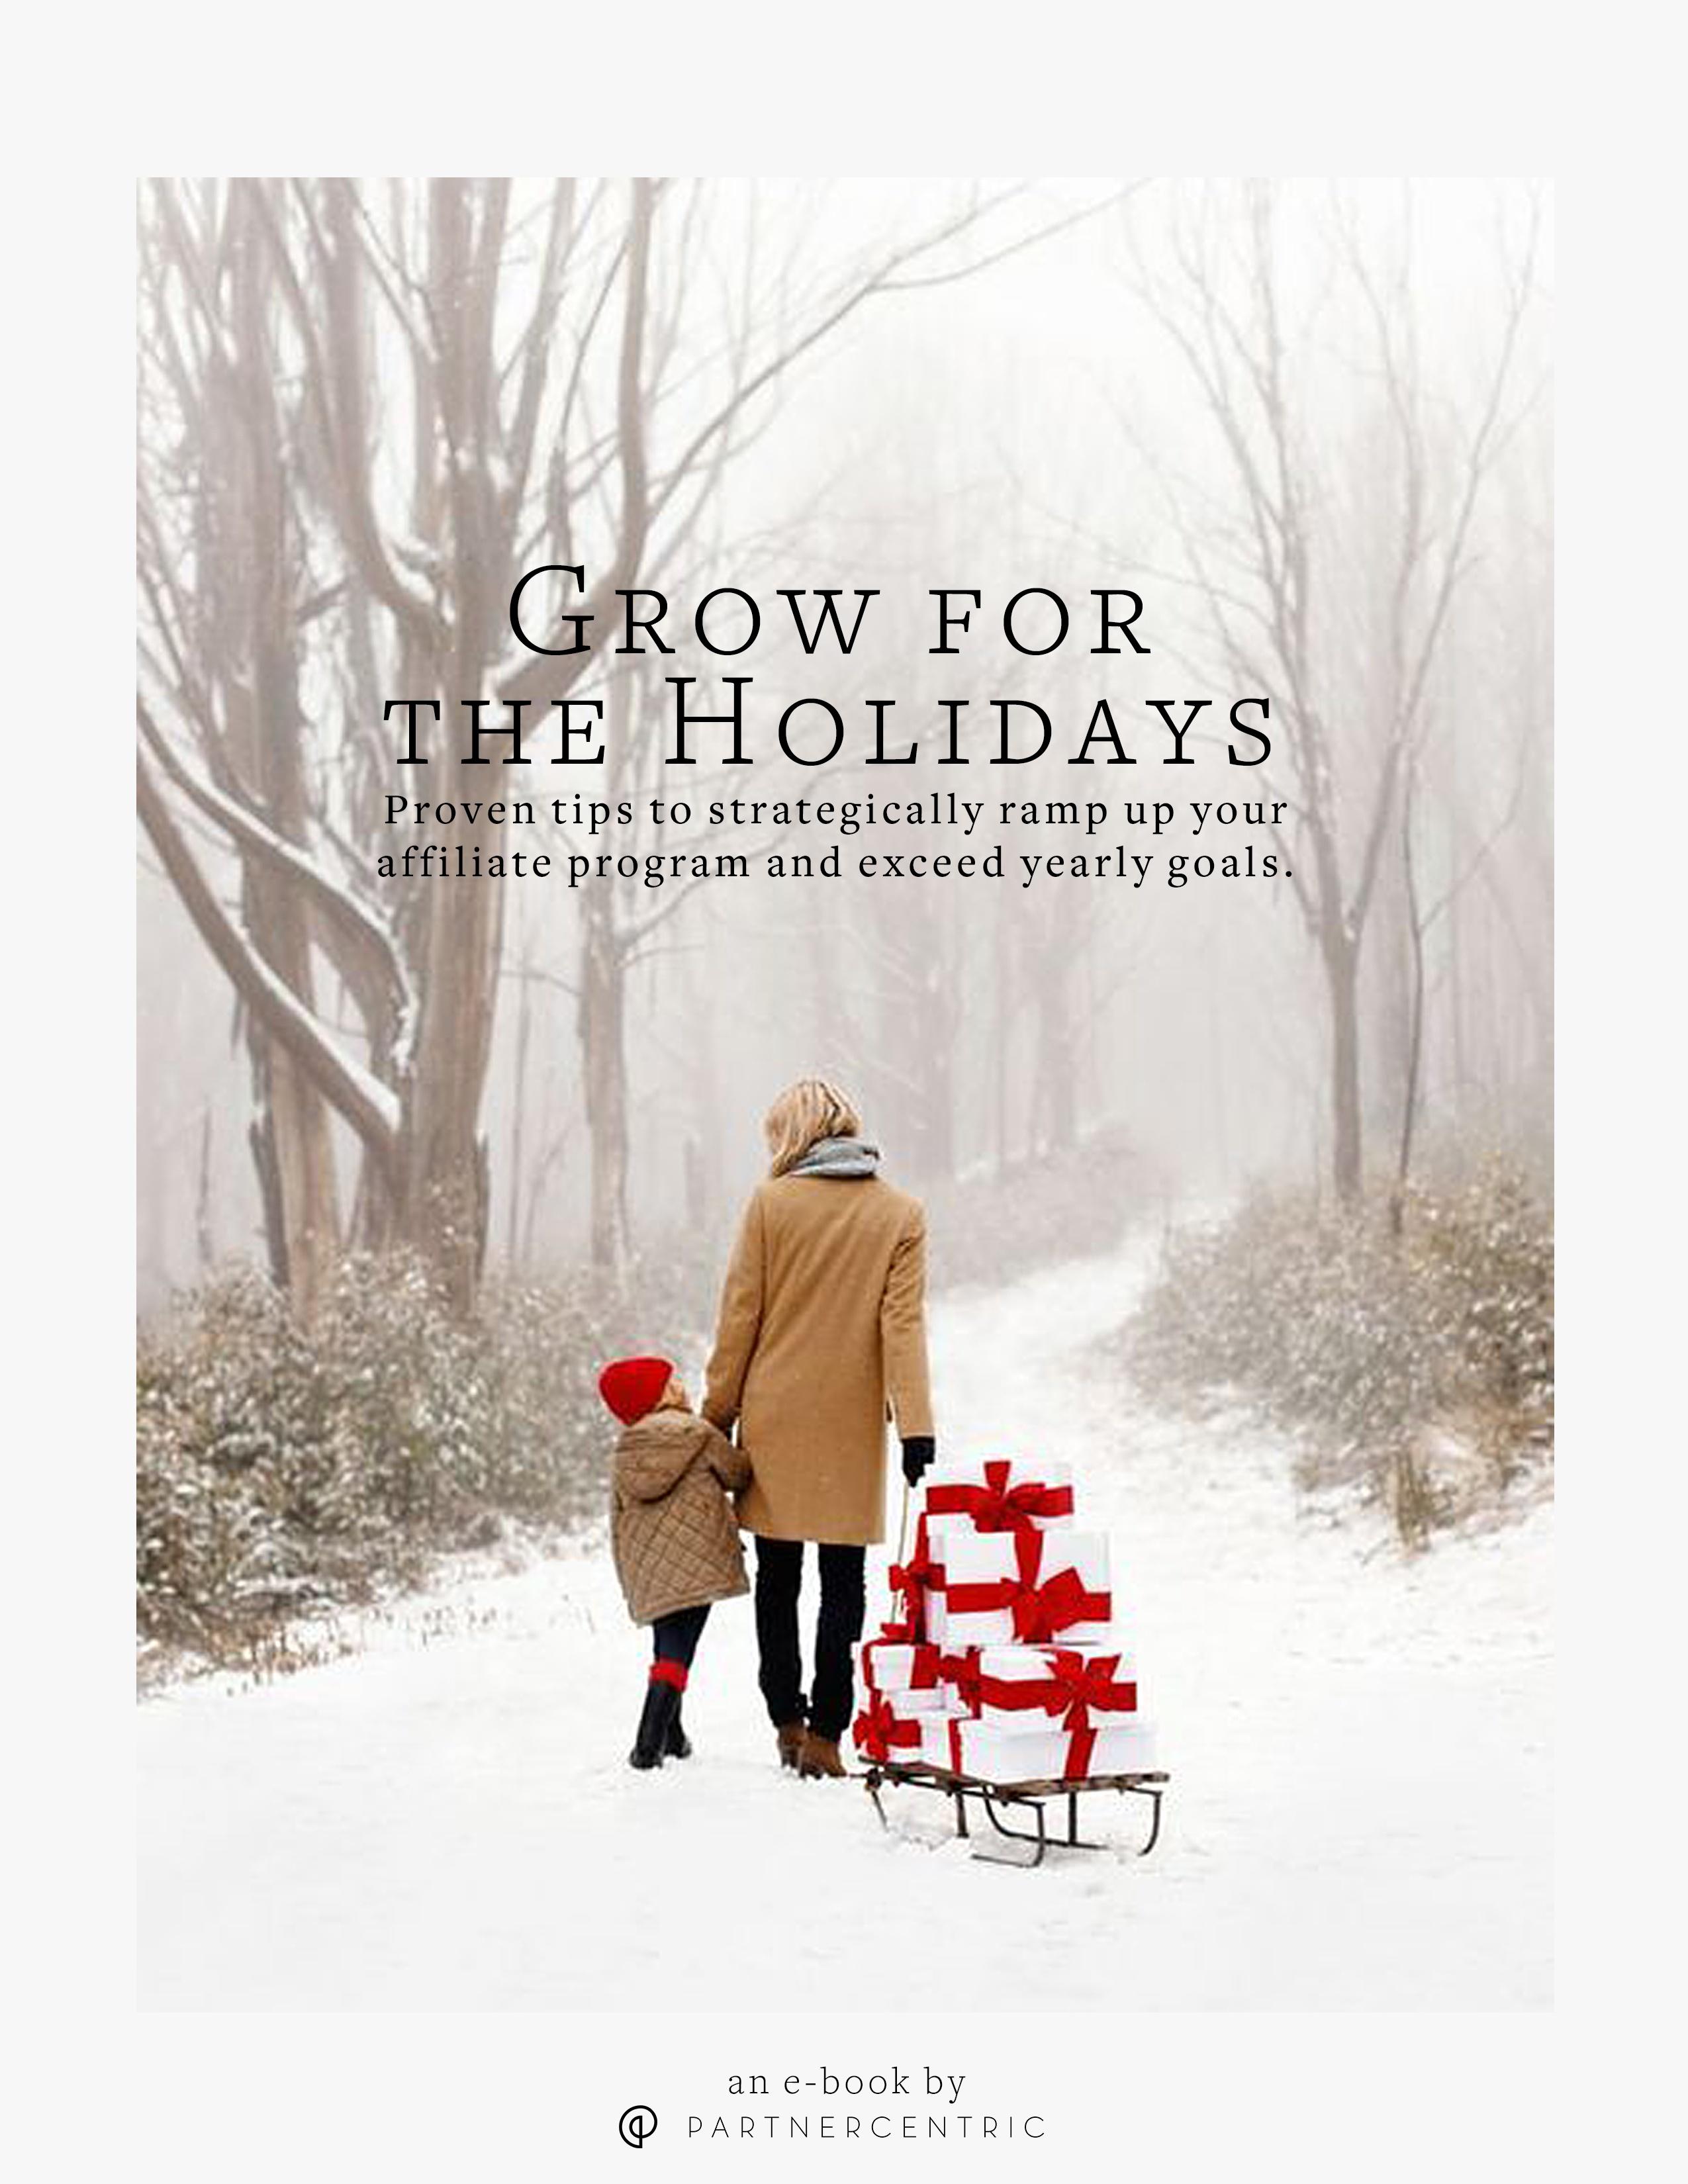 HolidayEbook_P1.jpg